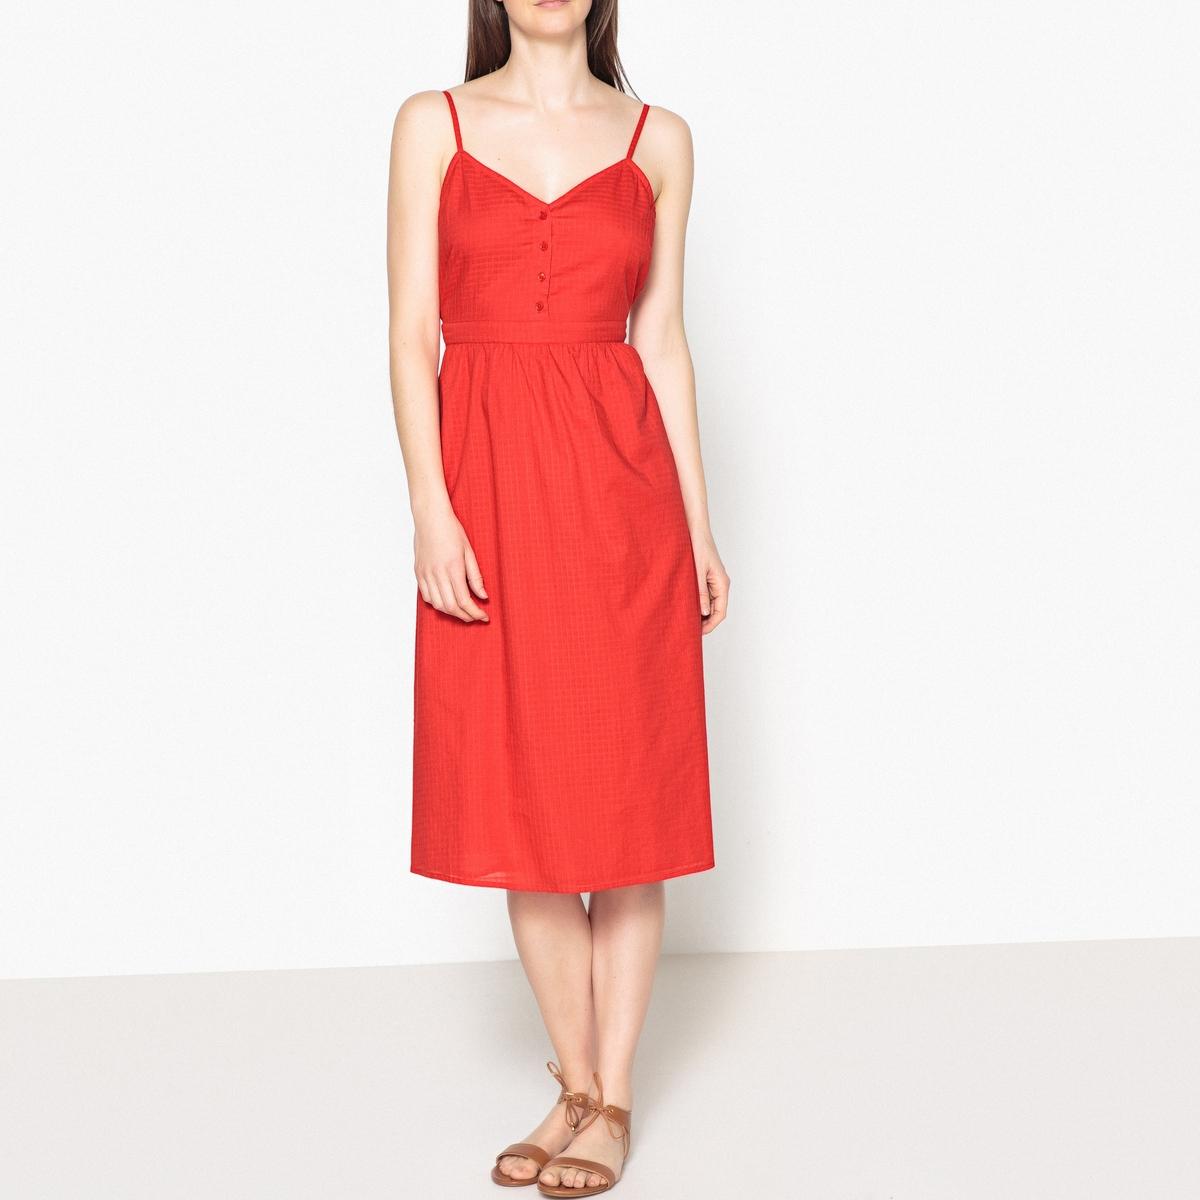 Платье летнее на бретелях из хлопка AUGUSTINE платье летнее на тонких бретелях marianne